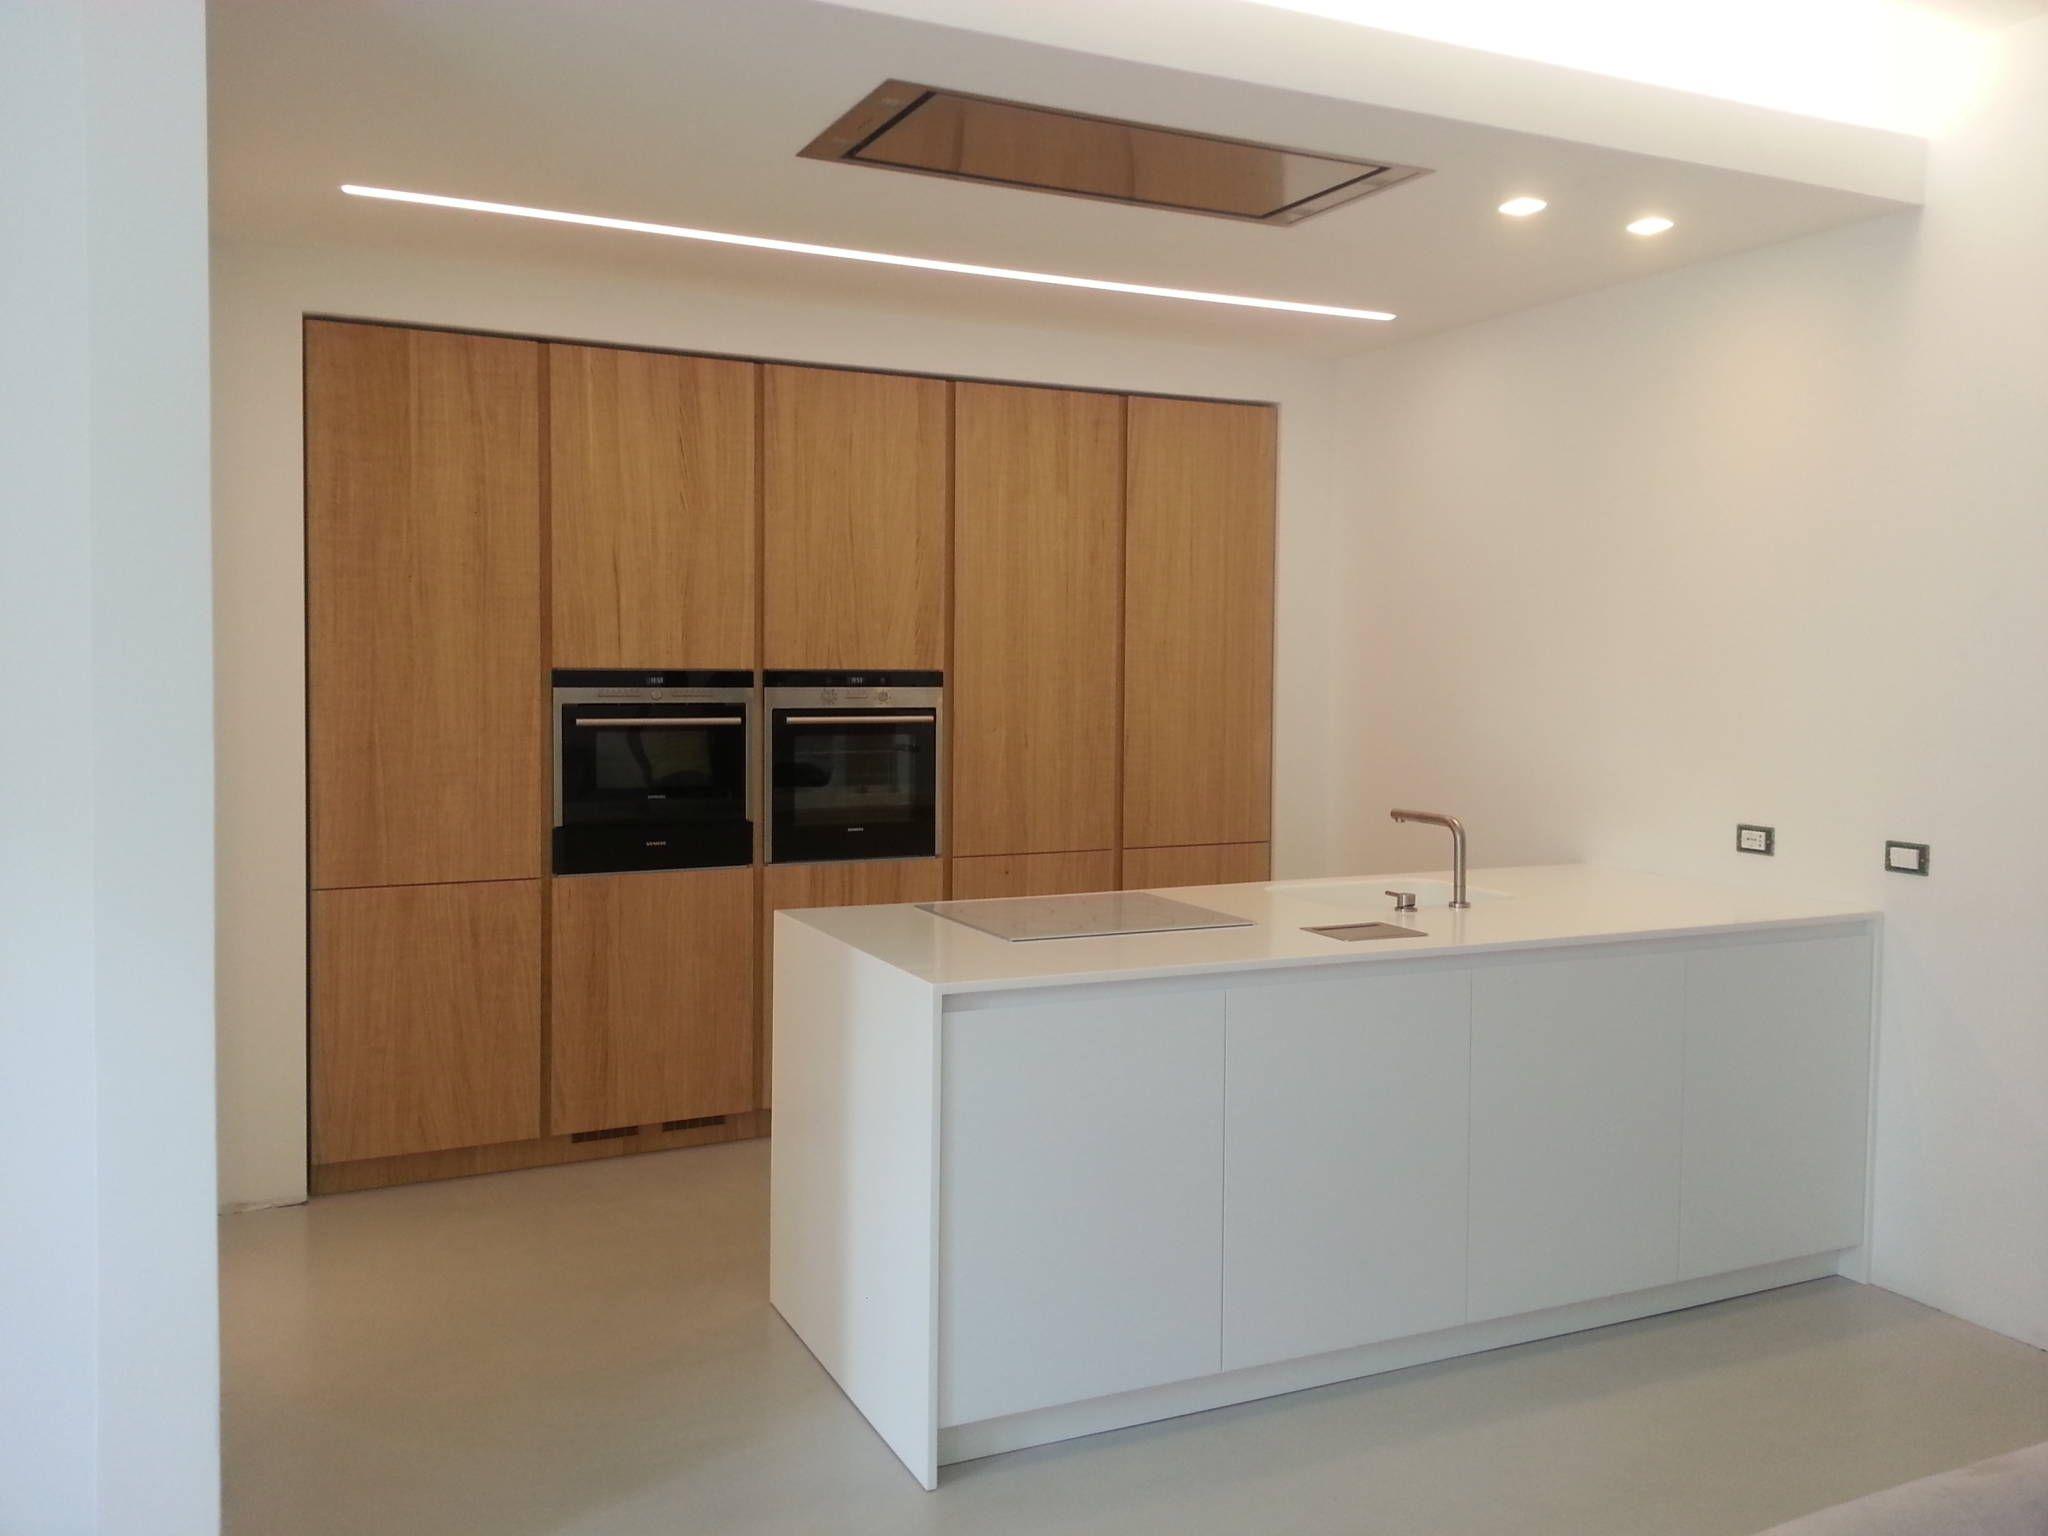 Foto di cucina in stile in stile minimalista : cucina su misura ...